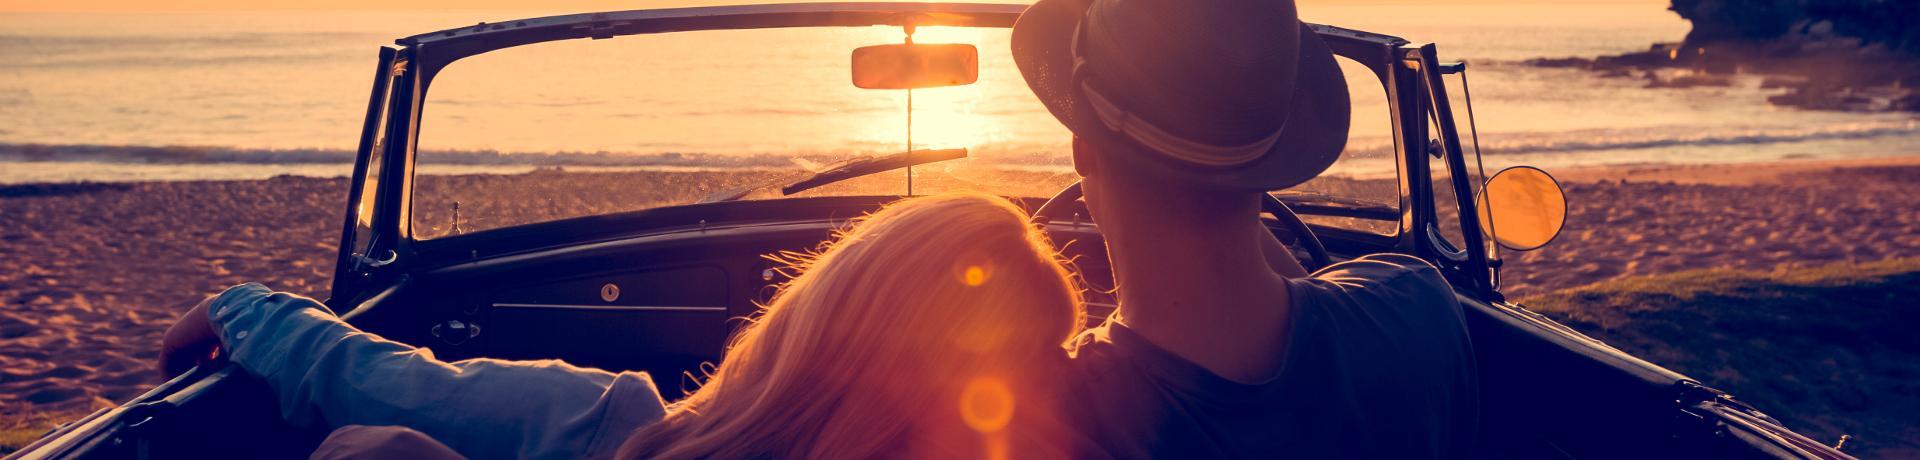 Road Trip: Cabrio - Sonnenuntrgang